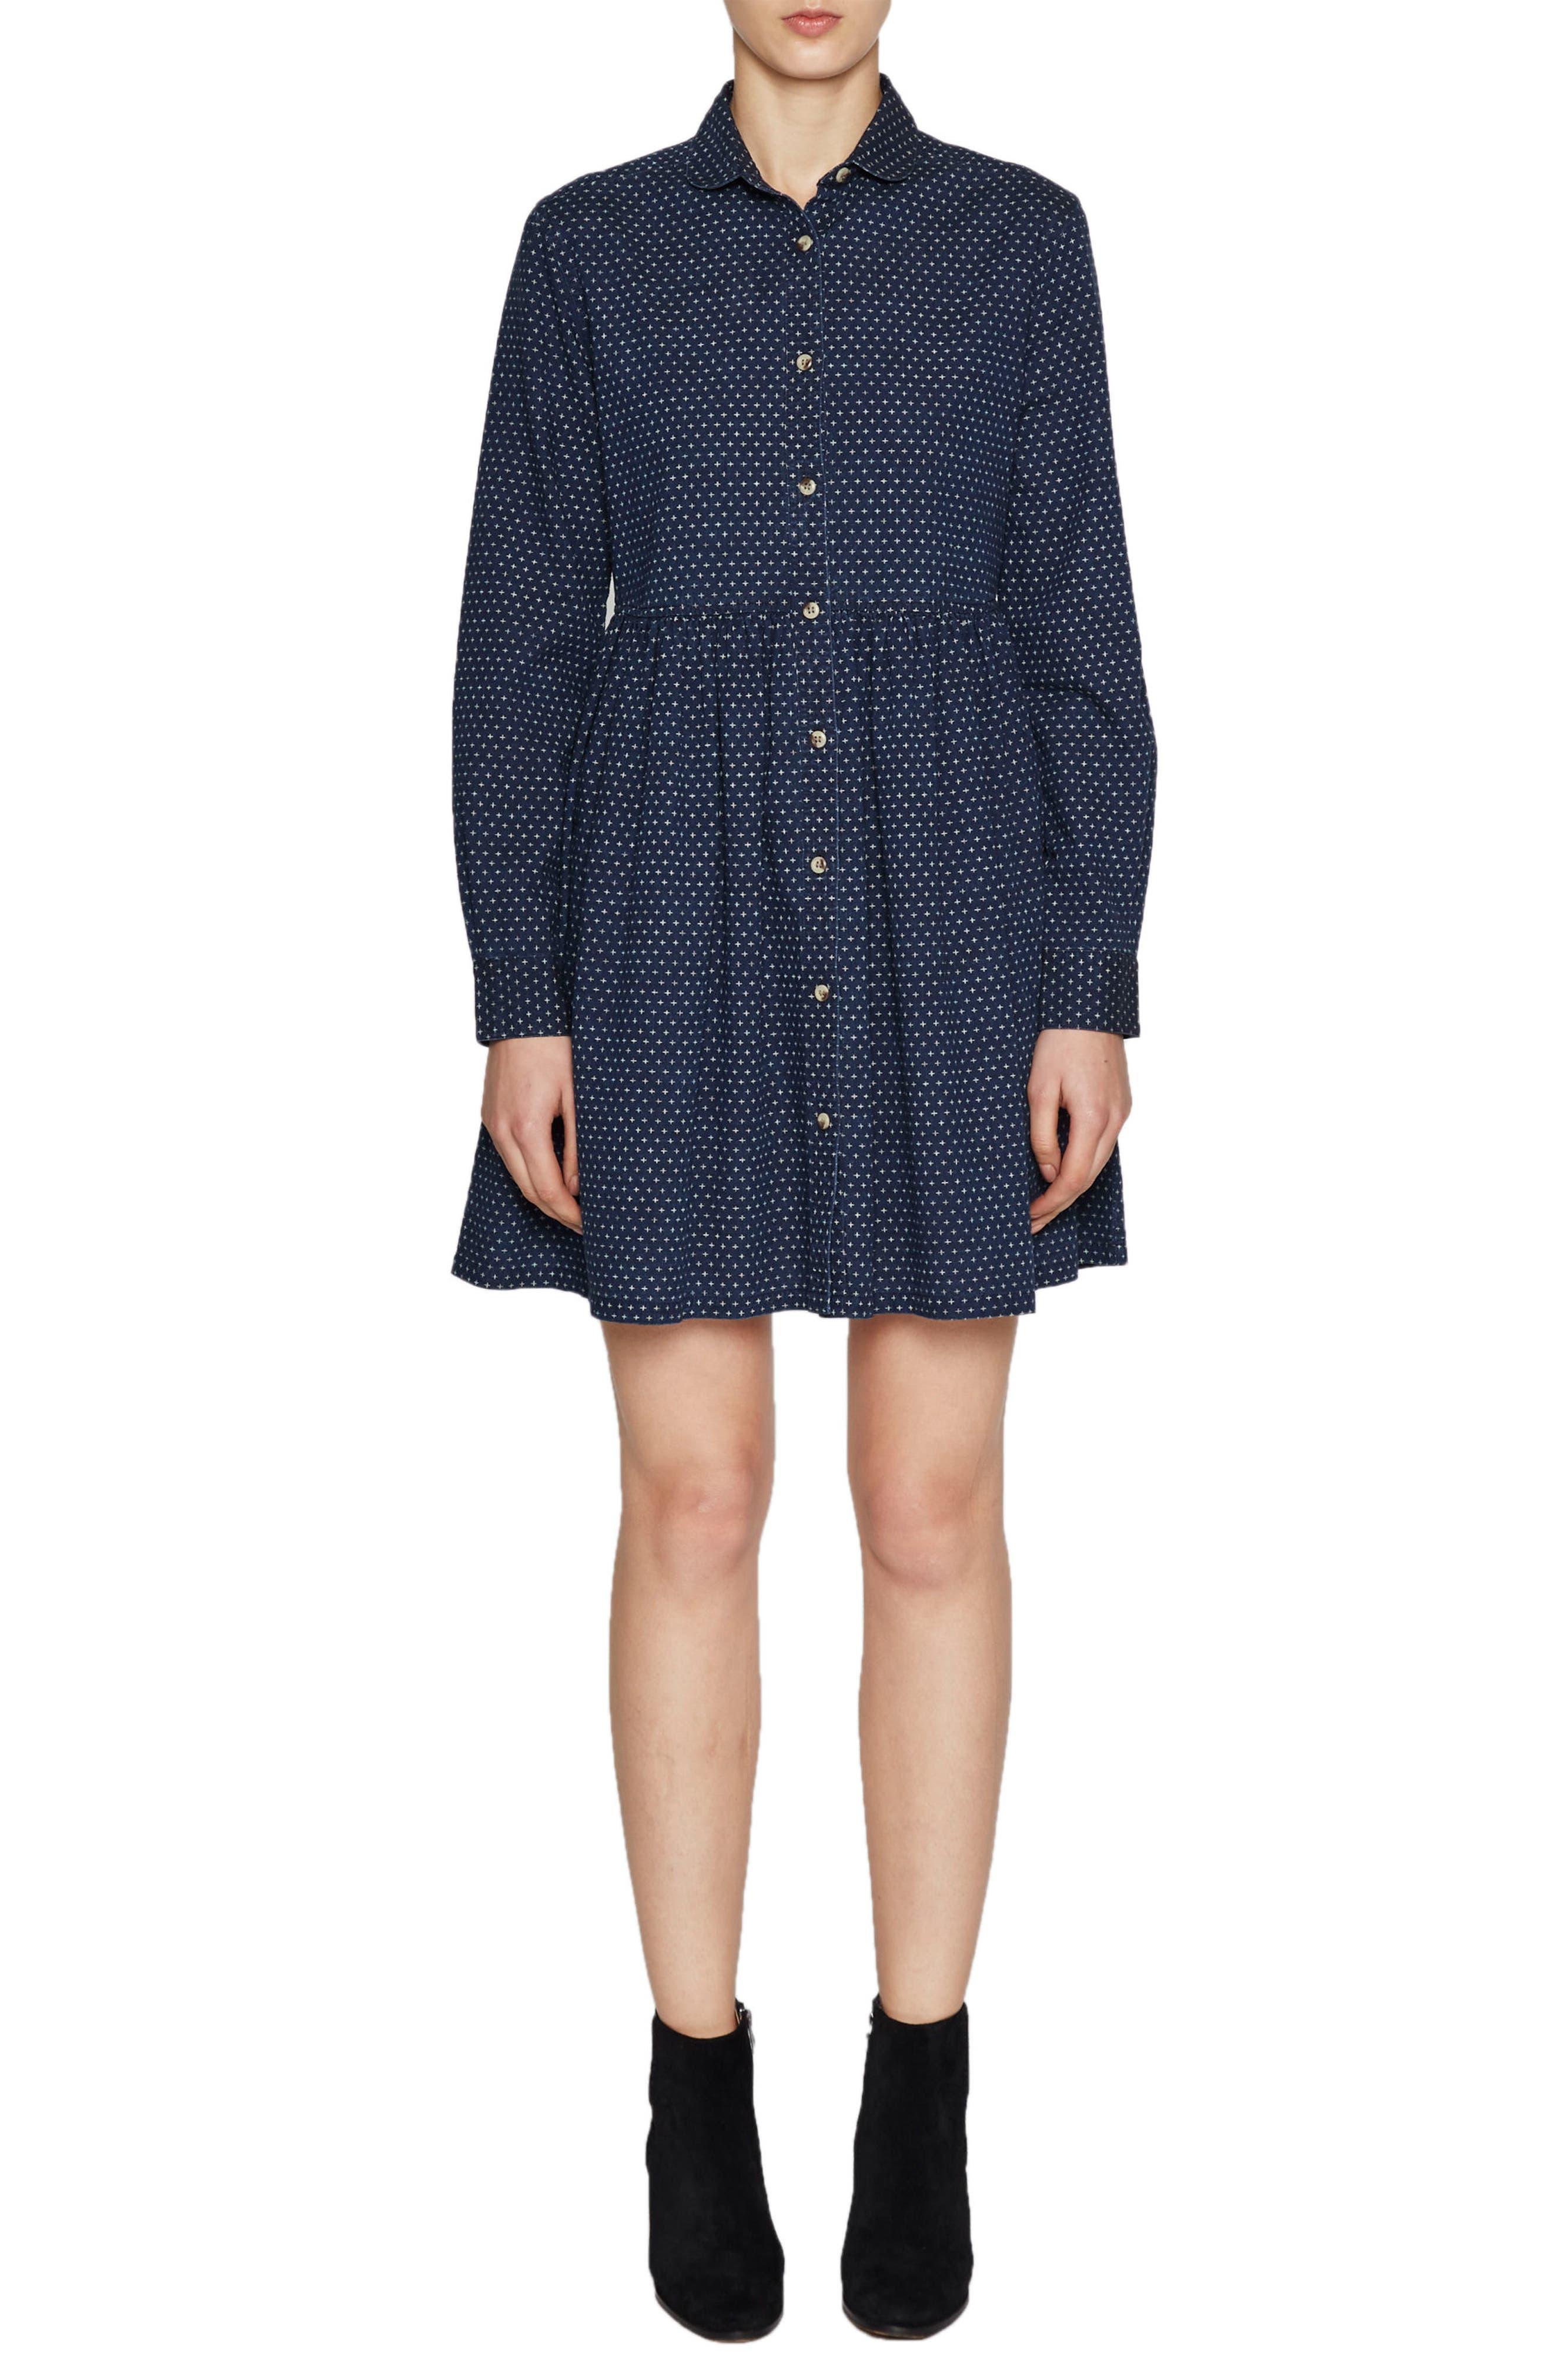 Indigo Cross Denim Shirtdress,                         Main,                         color, 410